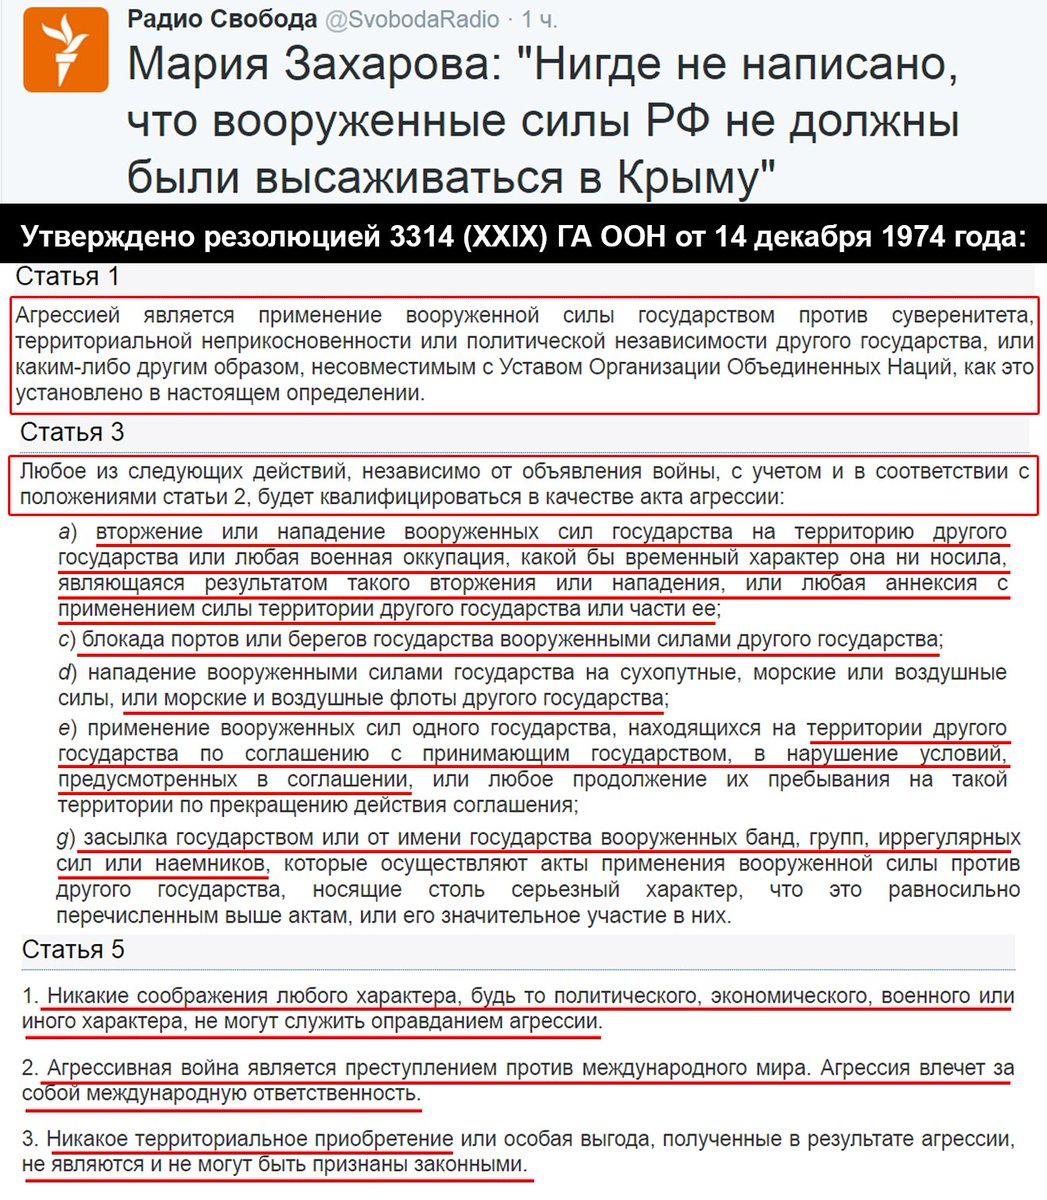 На переговорах Керри с Путиным была названа дата, когда будет определен способ по возвращению Савченко в Украину, - Новиков - Цензор.НЕТ 1334